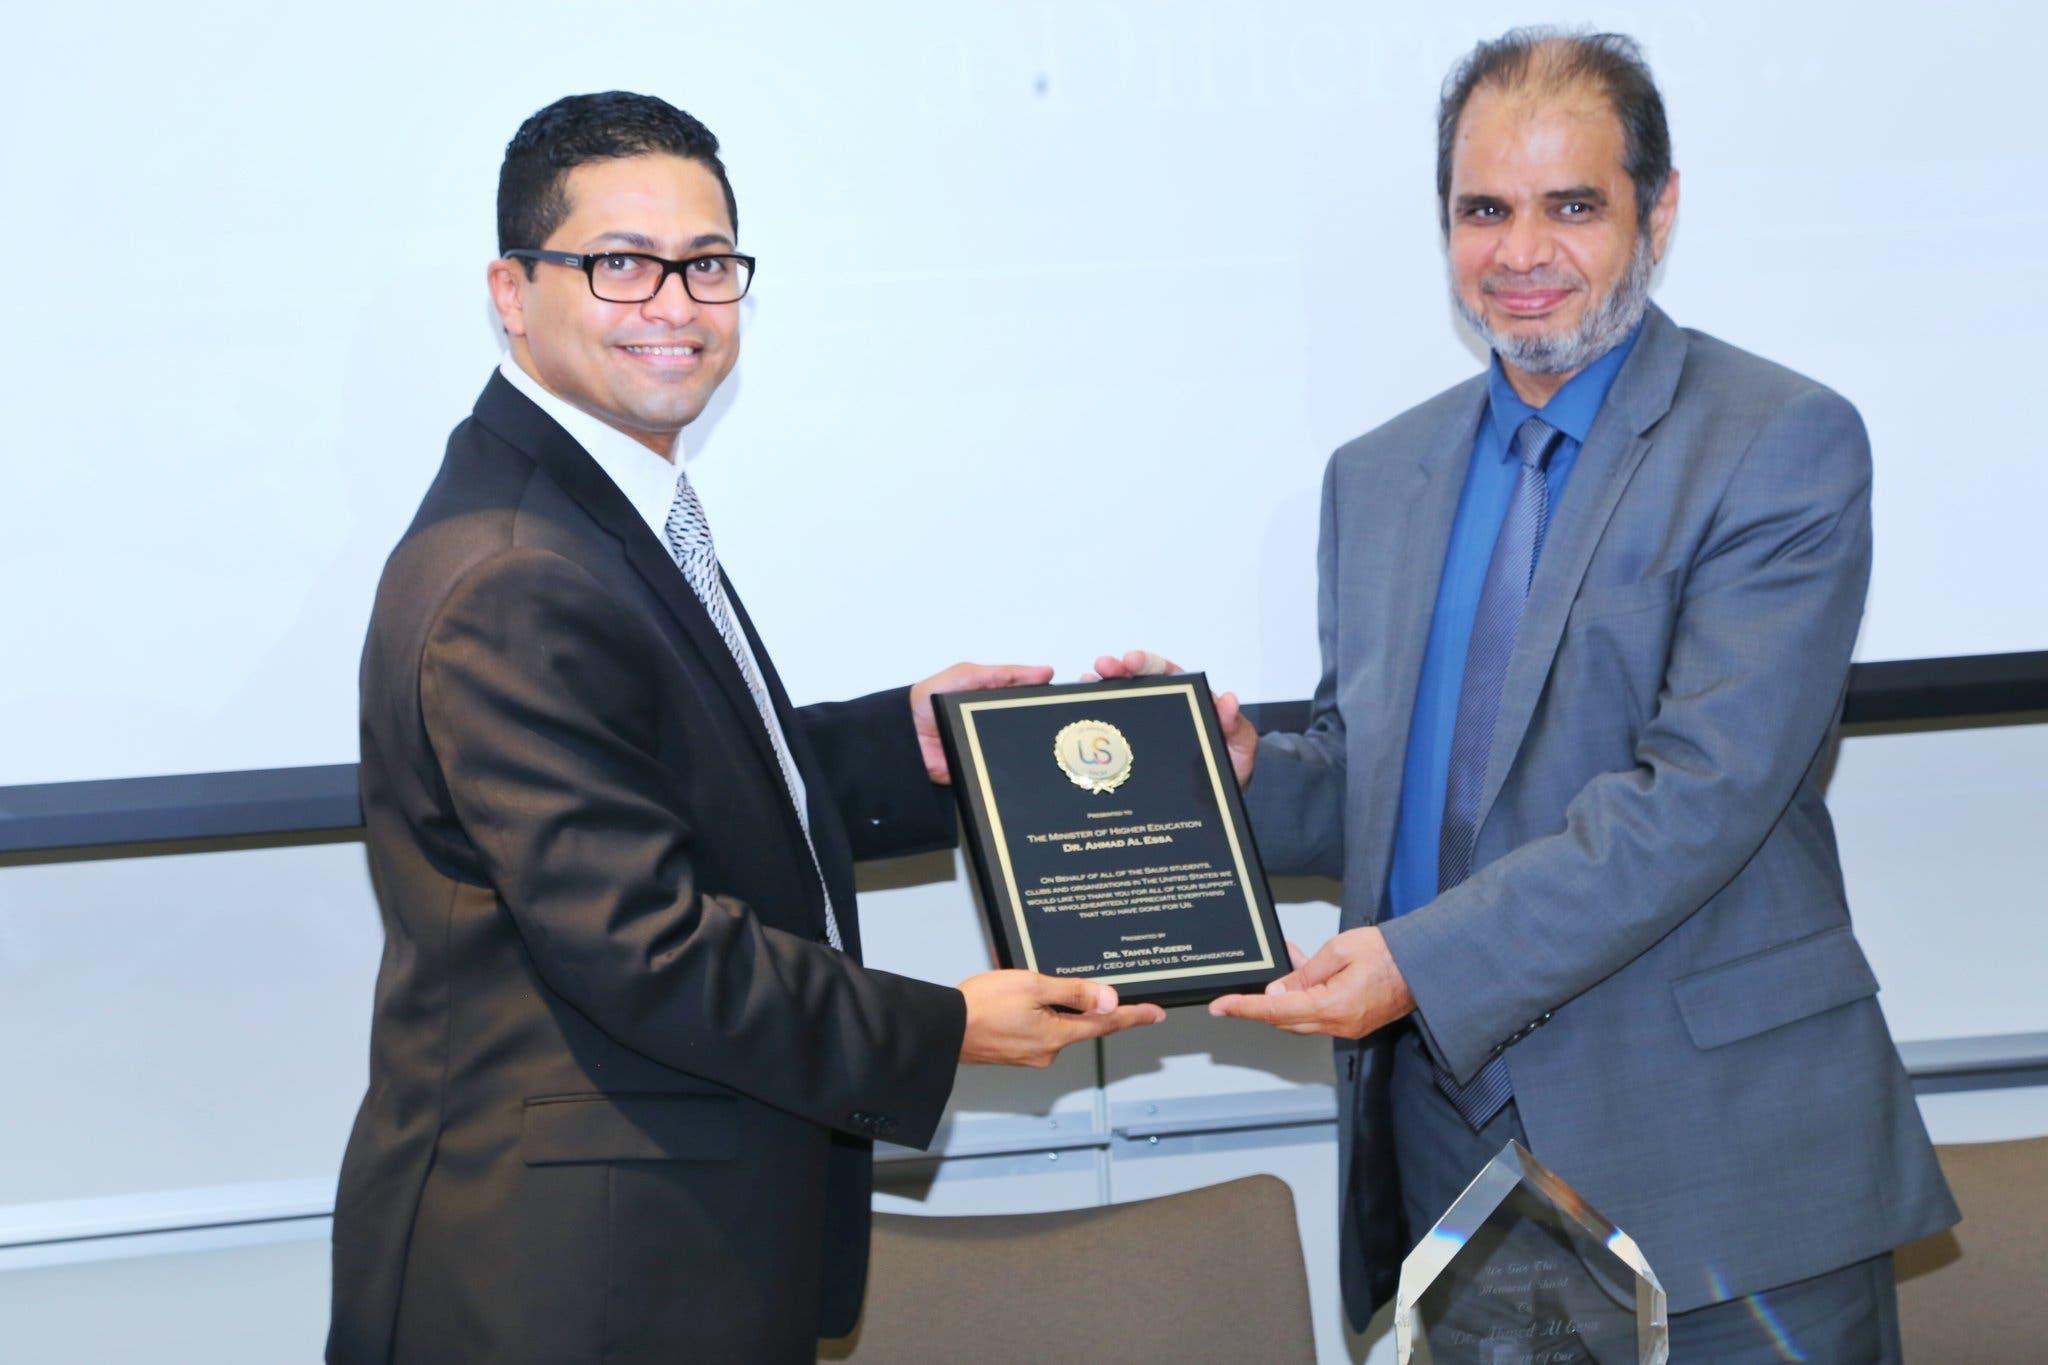 تكريم  وزير التعليم أحمد العيسى لمنظمة المبادرات الاجتماعية